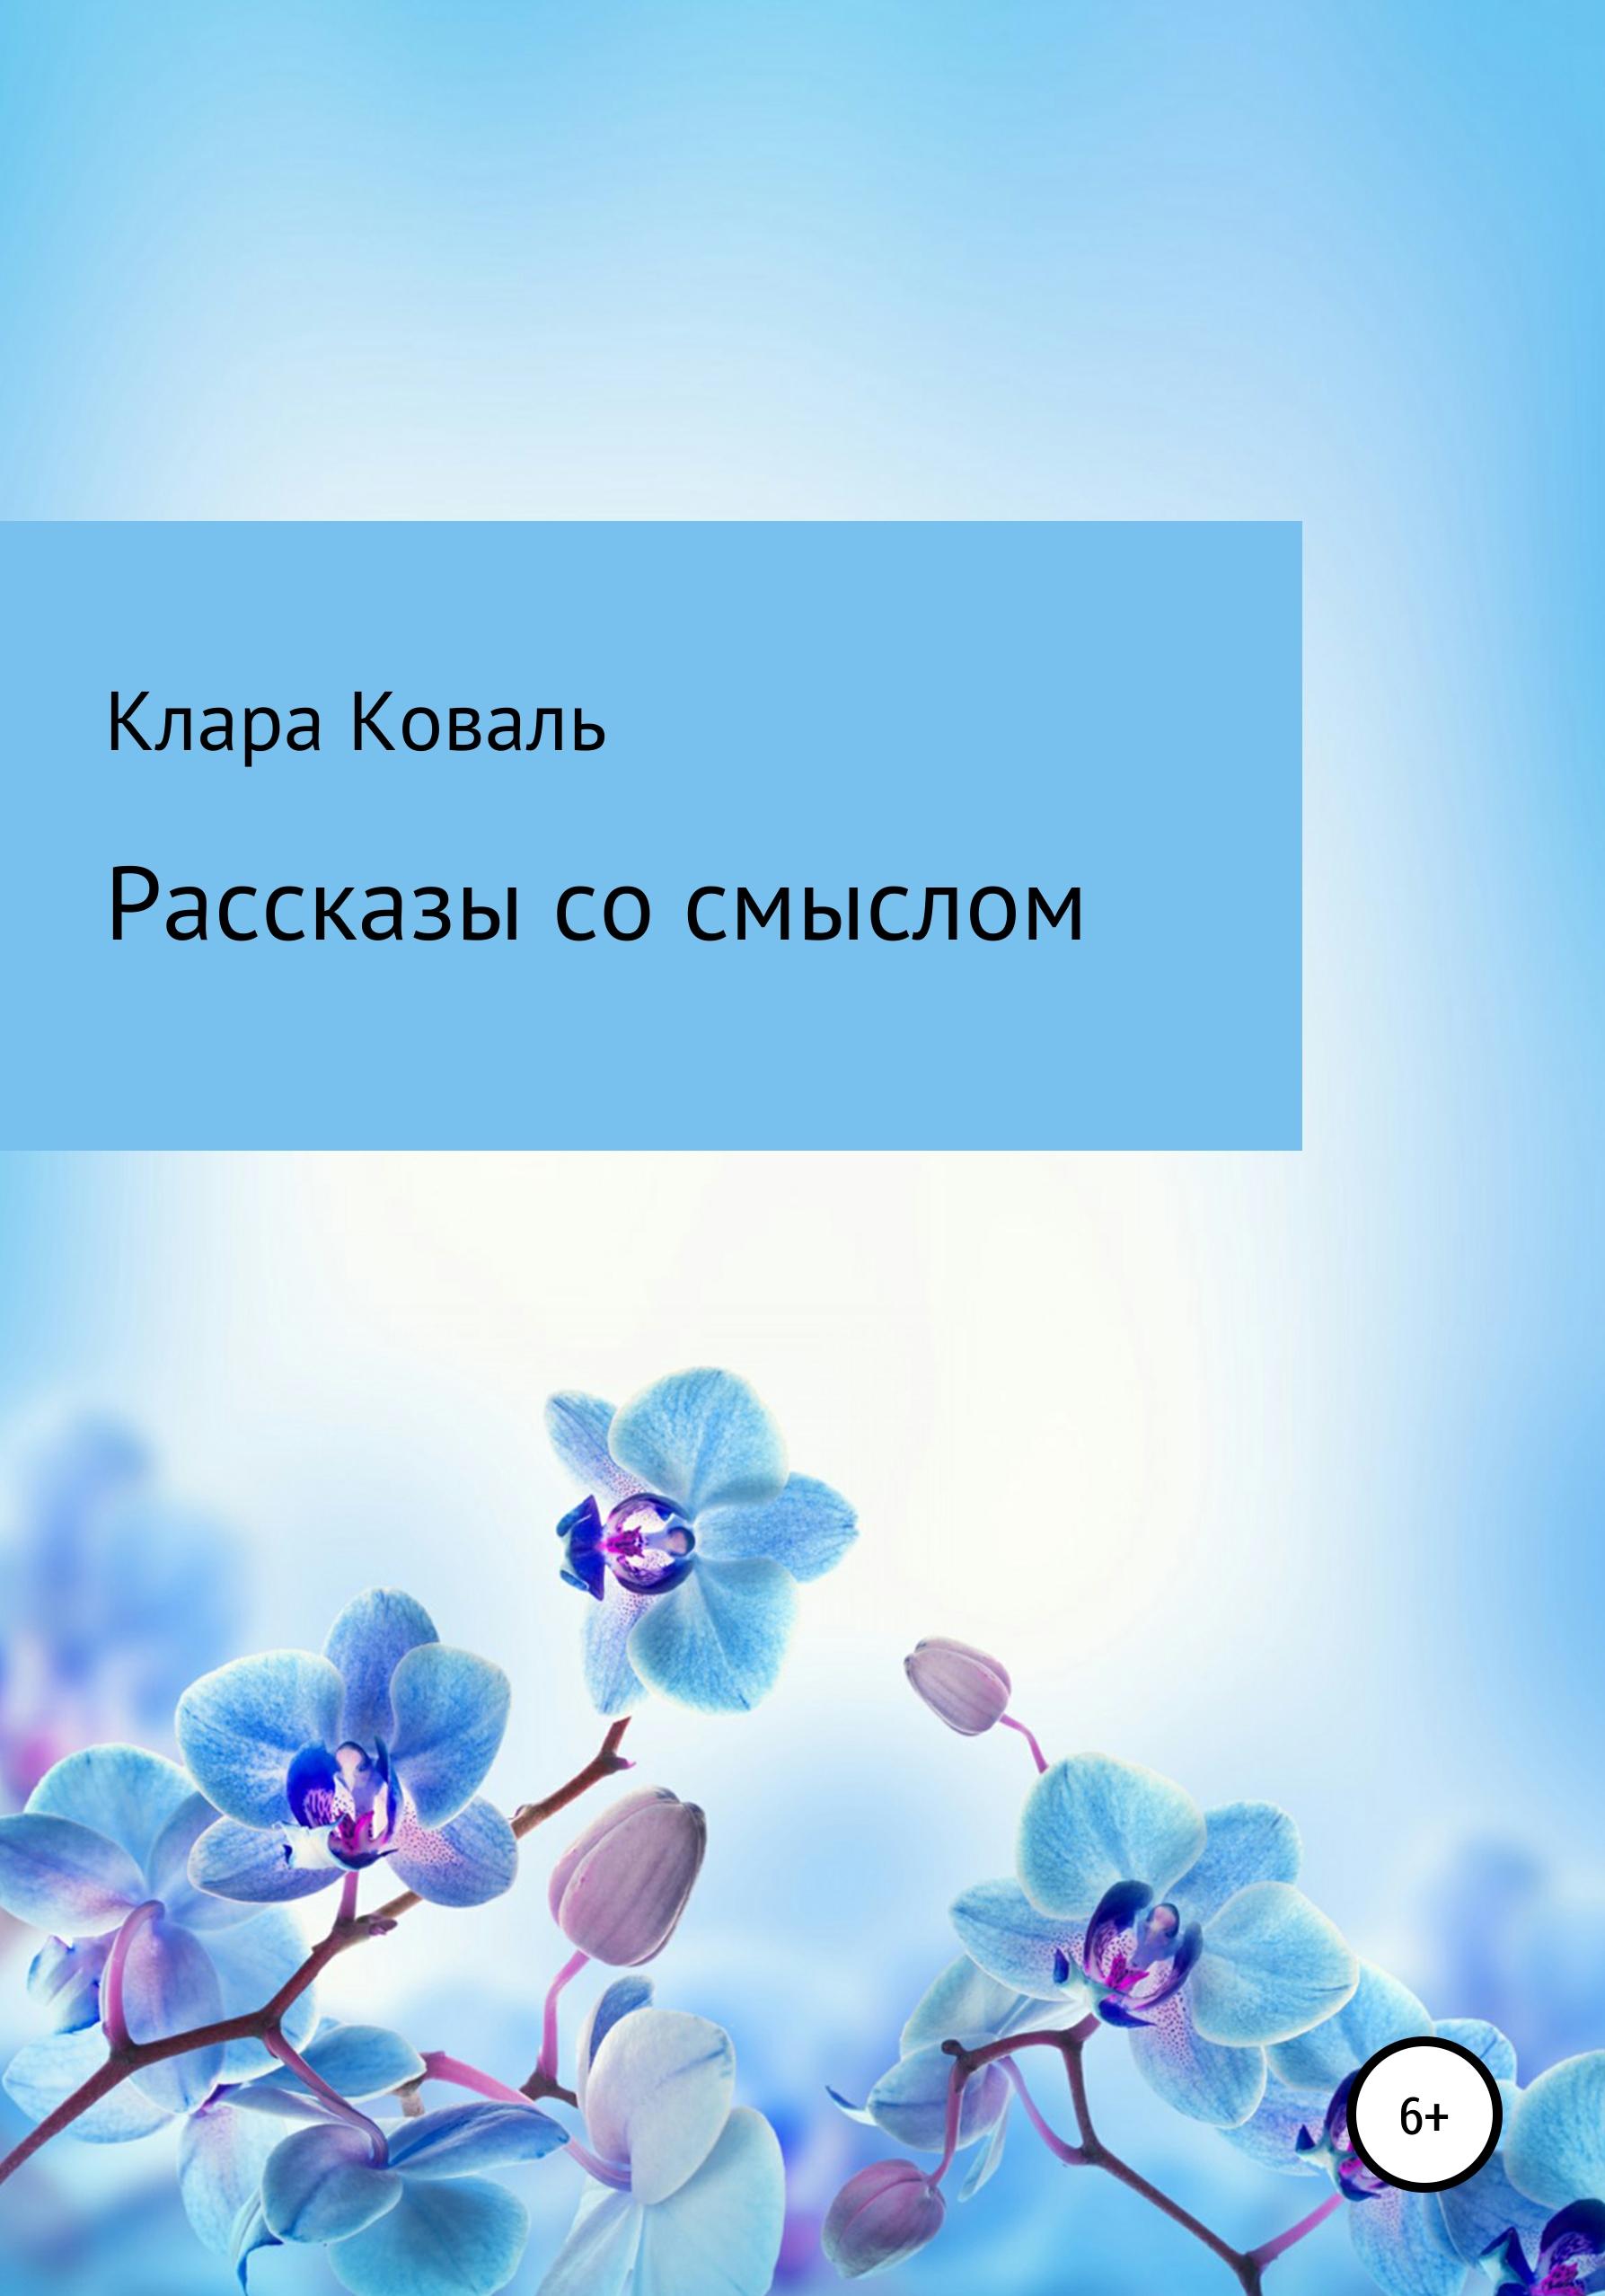 Клара Коваль Рассказы со смыслом